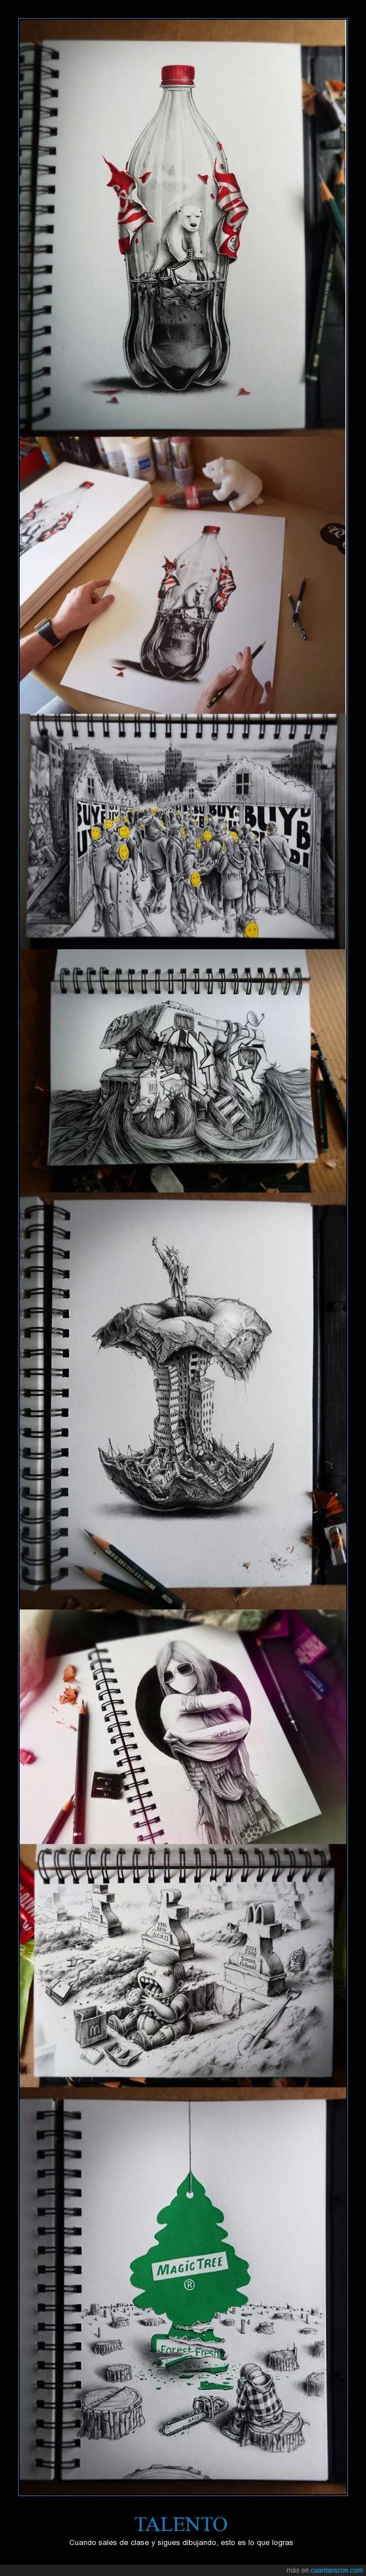 arte,cambio climatico,conciencia,dibujos,ilustracion,impresionante,libreta,talento